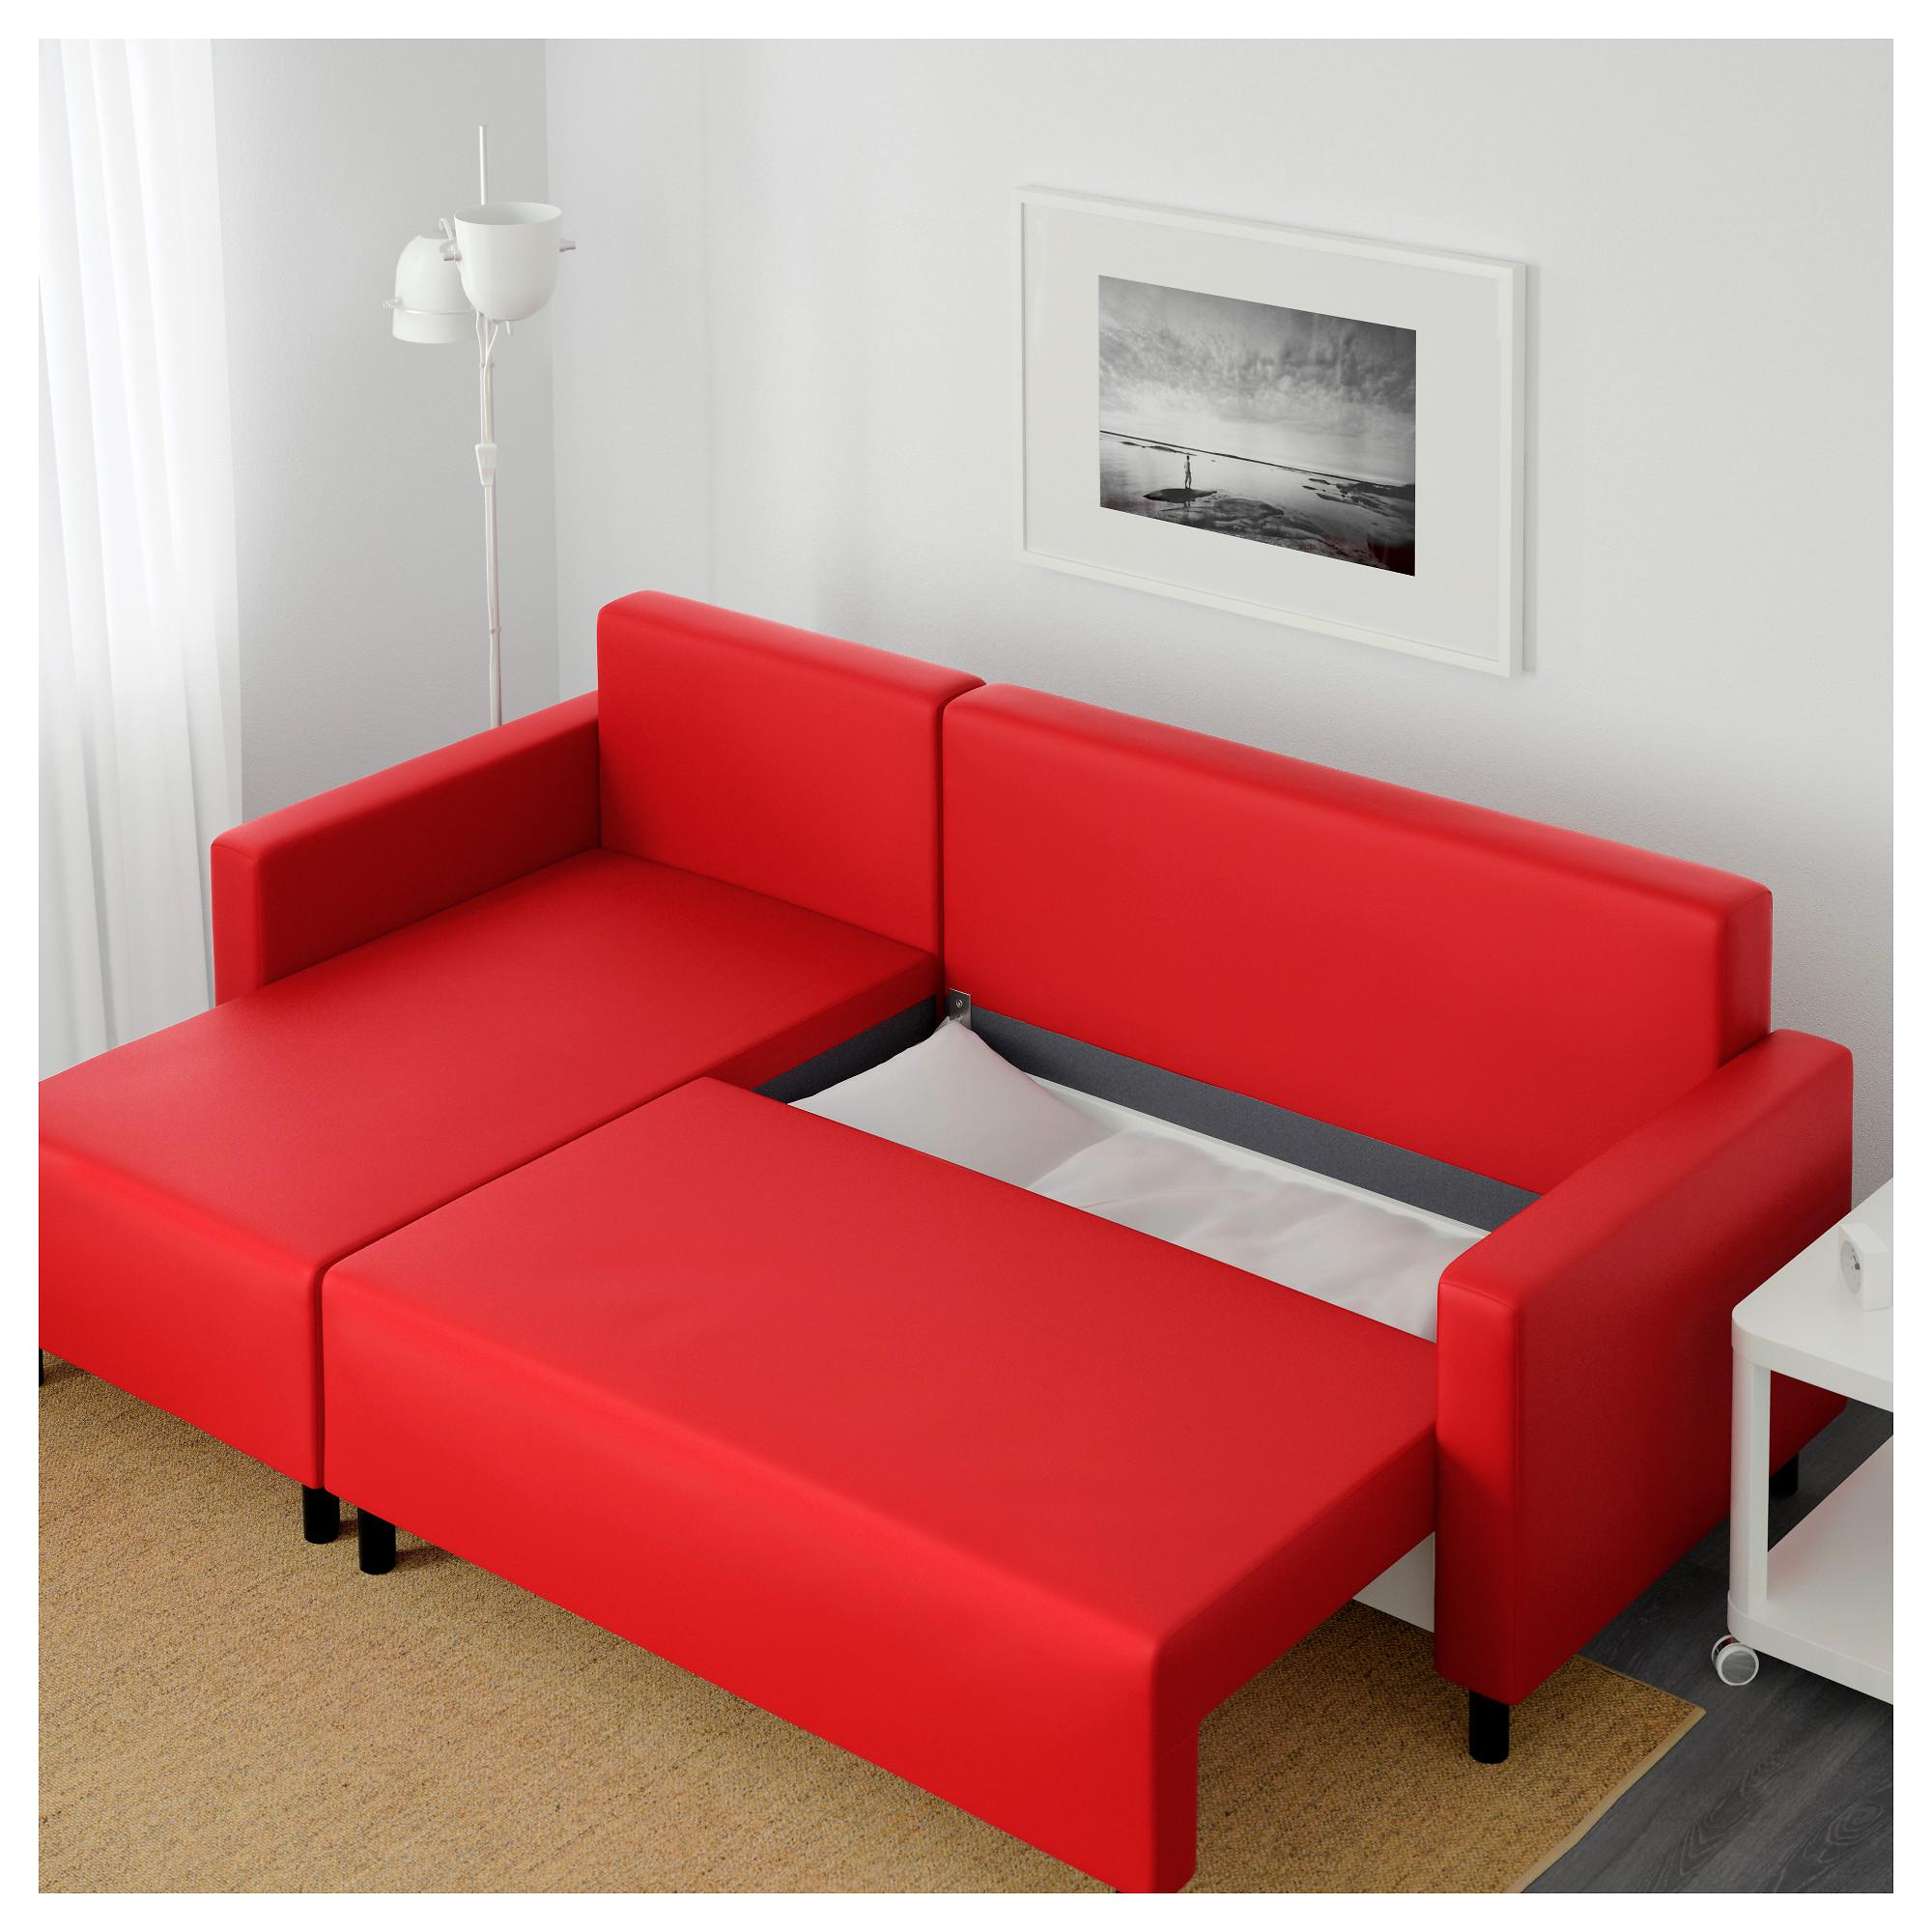 Диван-кровать с козеткой ЛУГНВИК красный артикуль № 702.237.33 в наличии.  Онлайн 583de804934